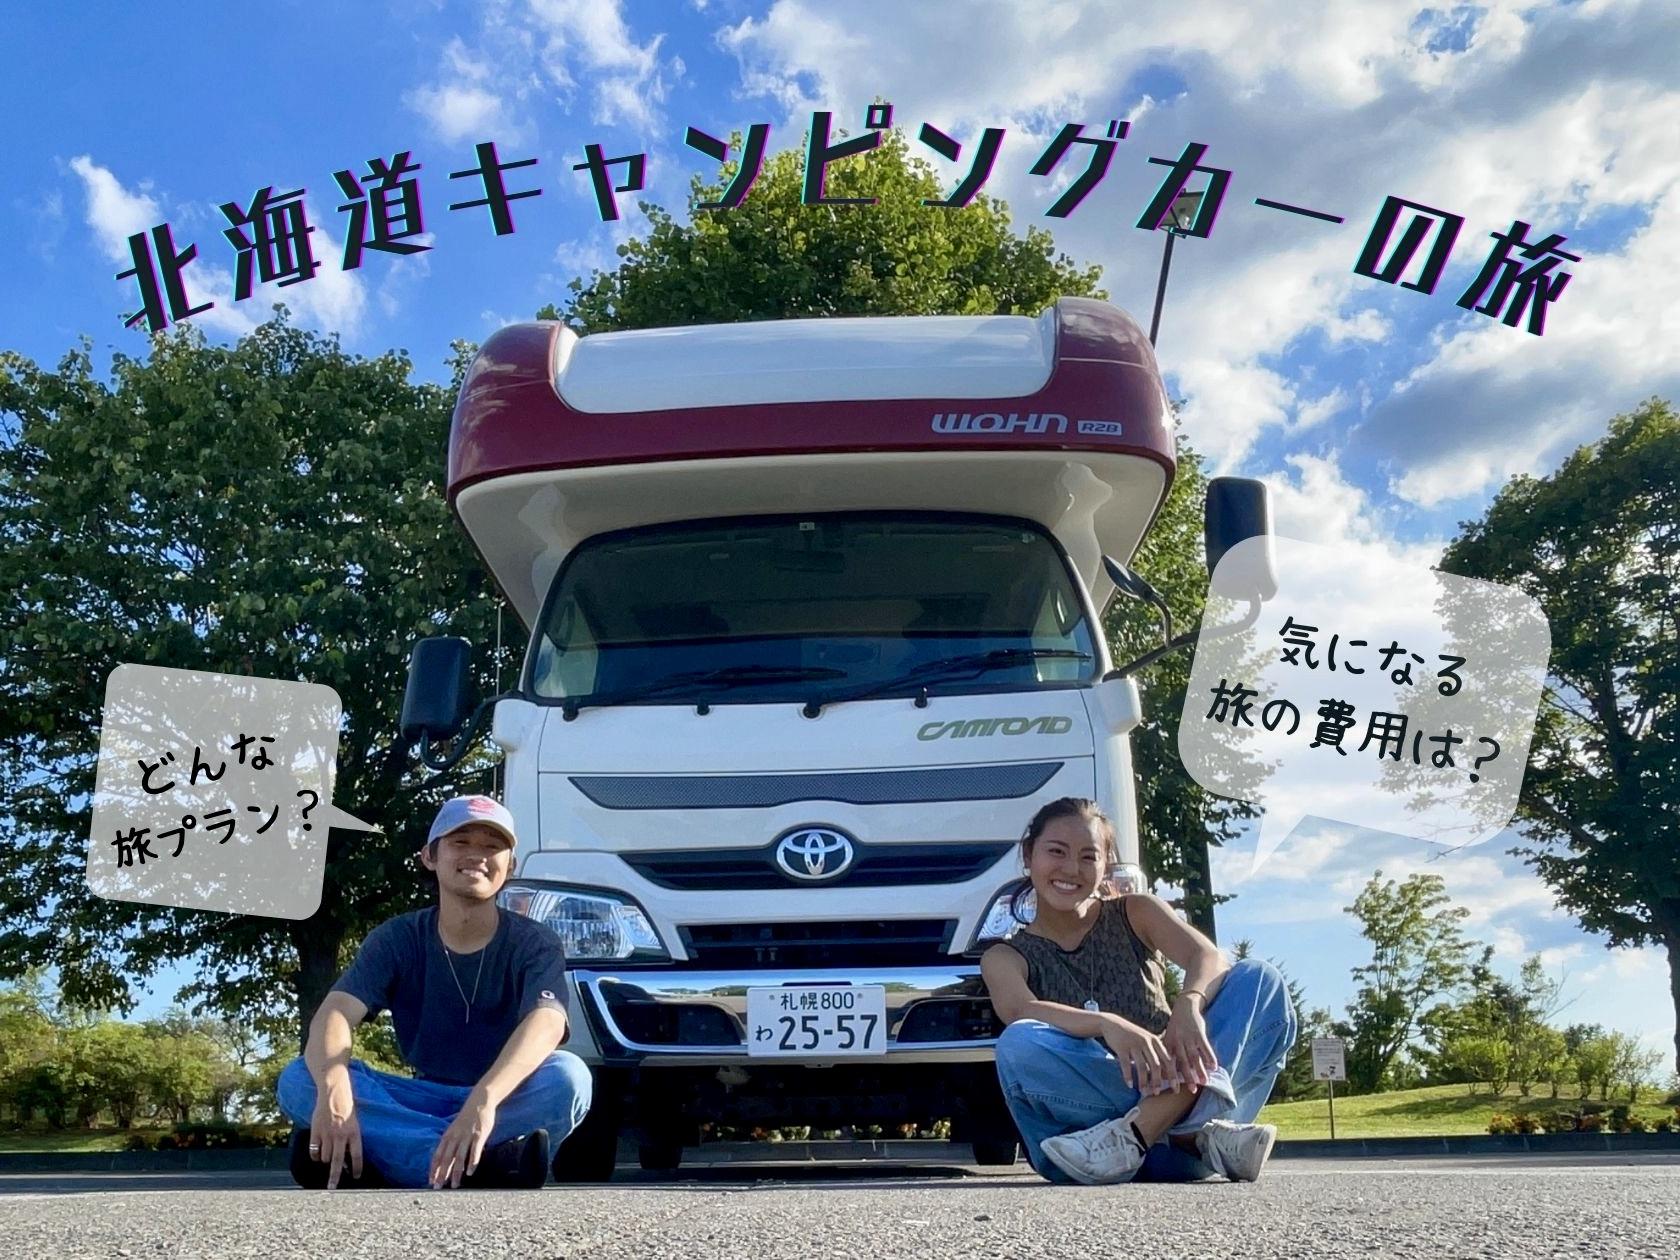 【北海道キャンピングカーの旅】3泊4日の旅プラン・実際にかかった費用は?